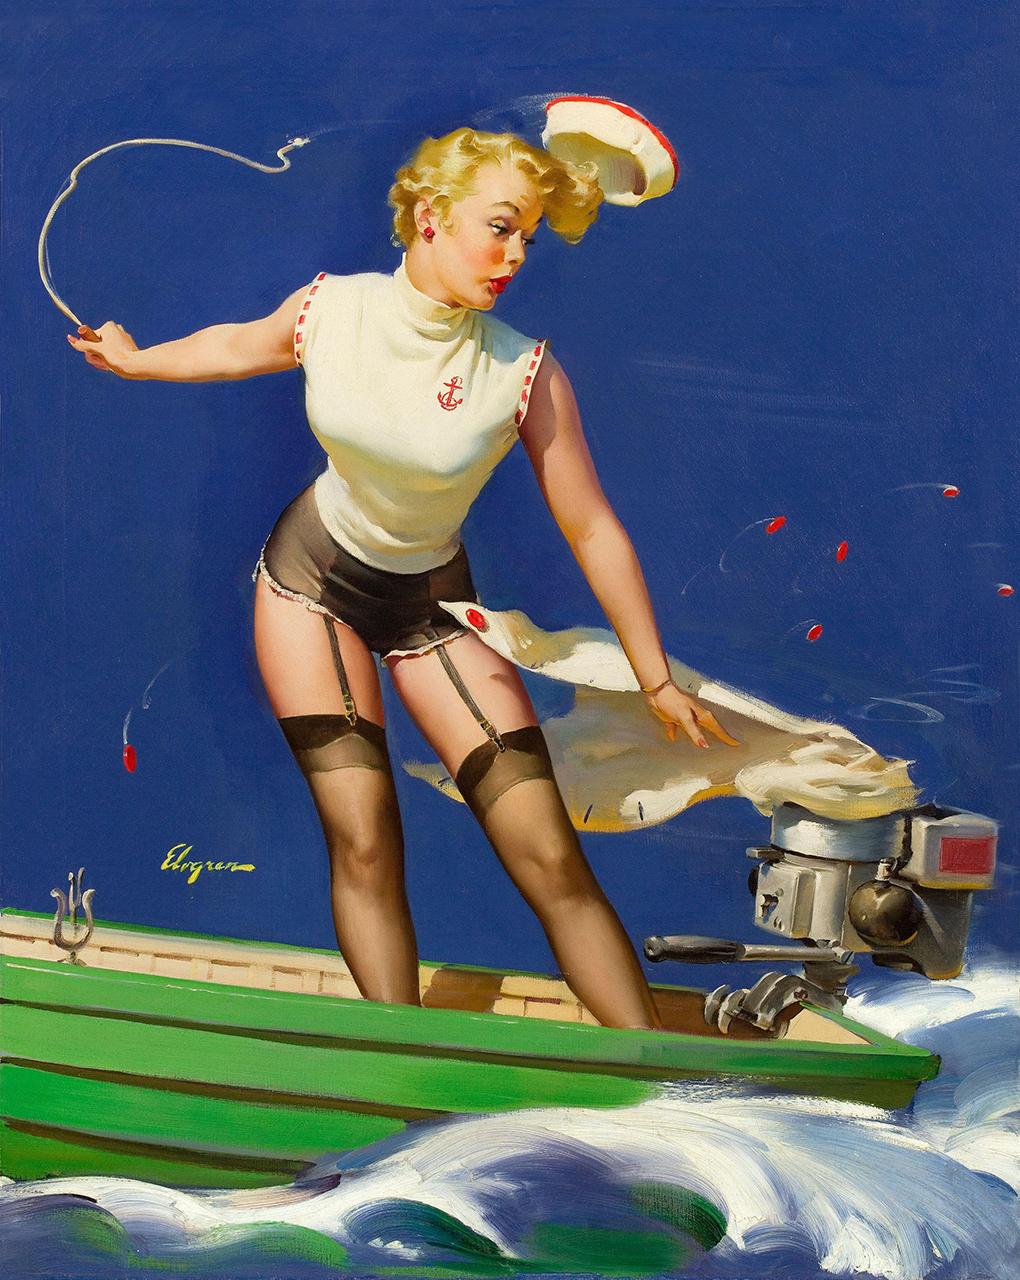 Постер (плакат) Джил Элвгрен: Девушка на лодке